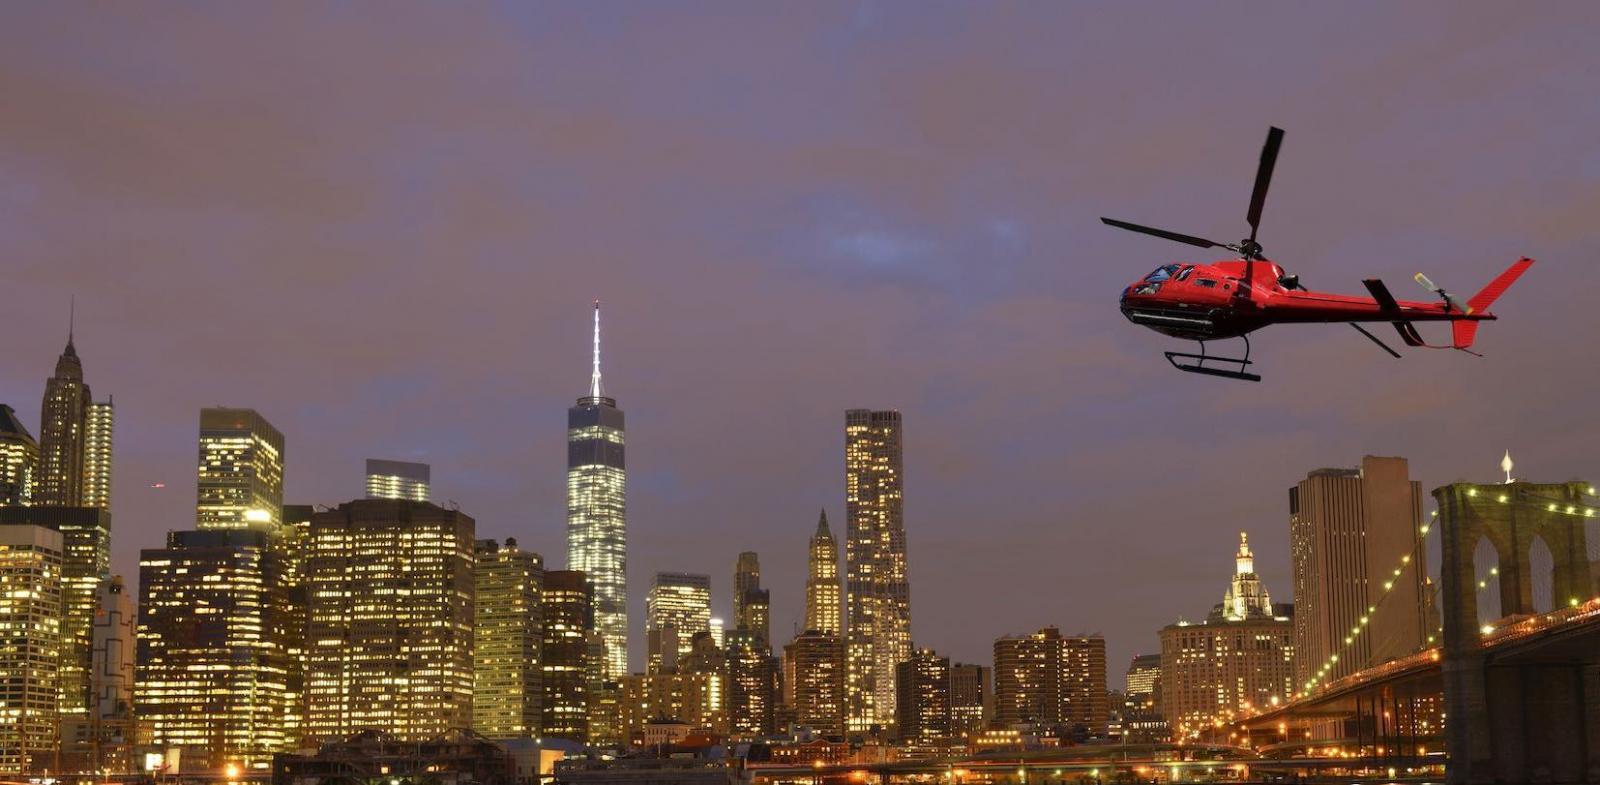 Helikopterflug bei Nacht und Tour zur Freiheitsstatue